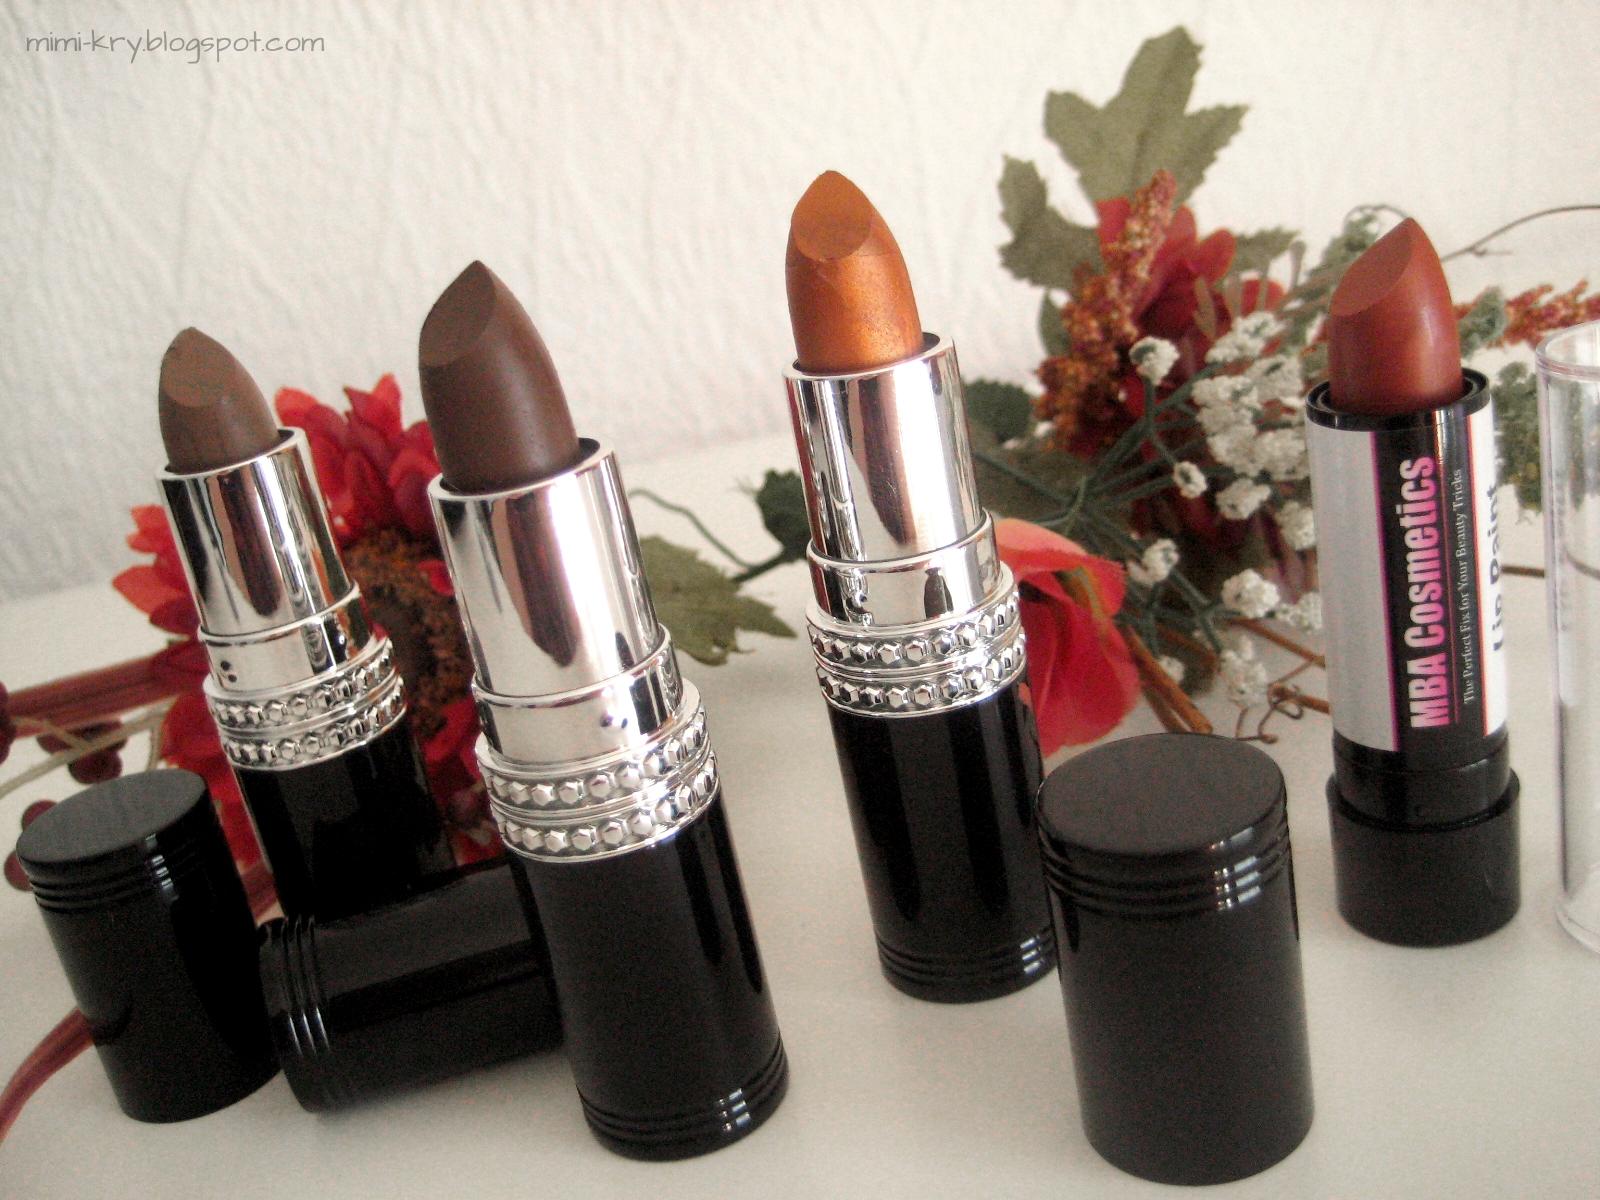 Bild von MBA Cosmetics Lip Sticks und Lip Paint